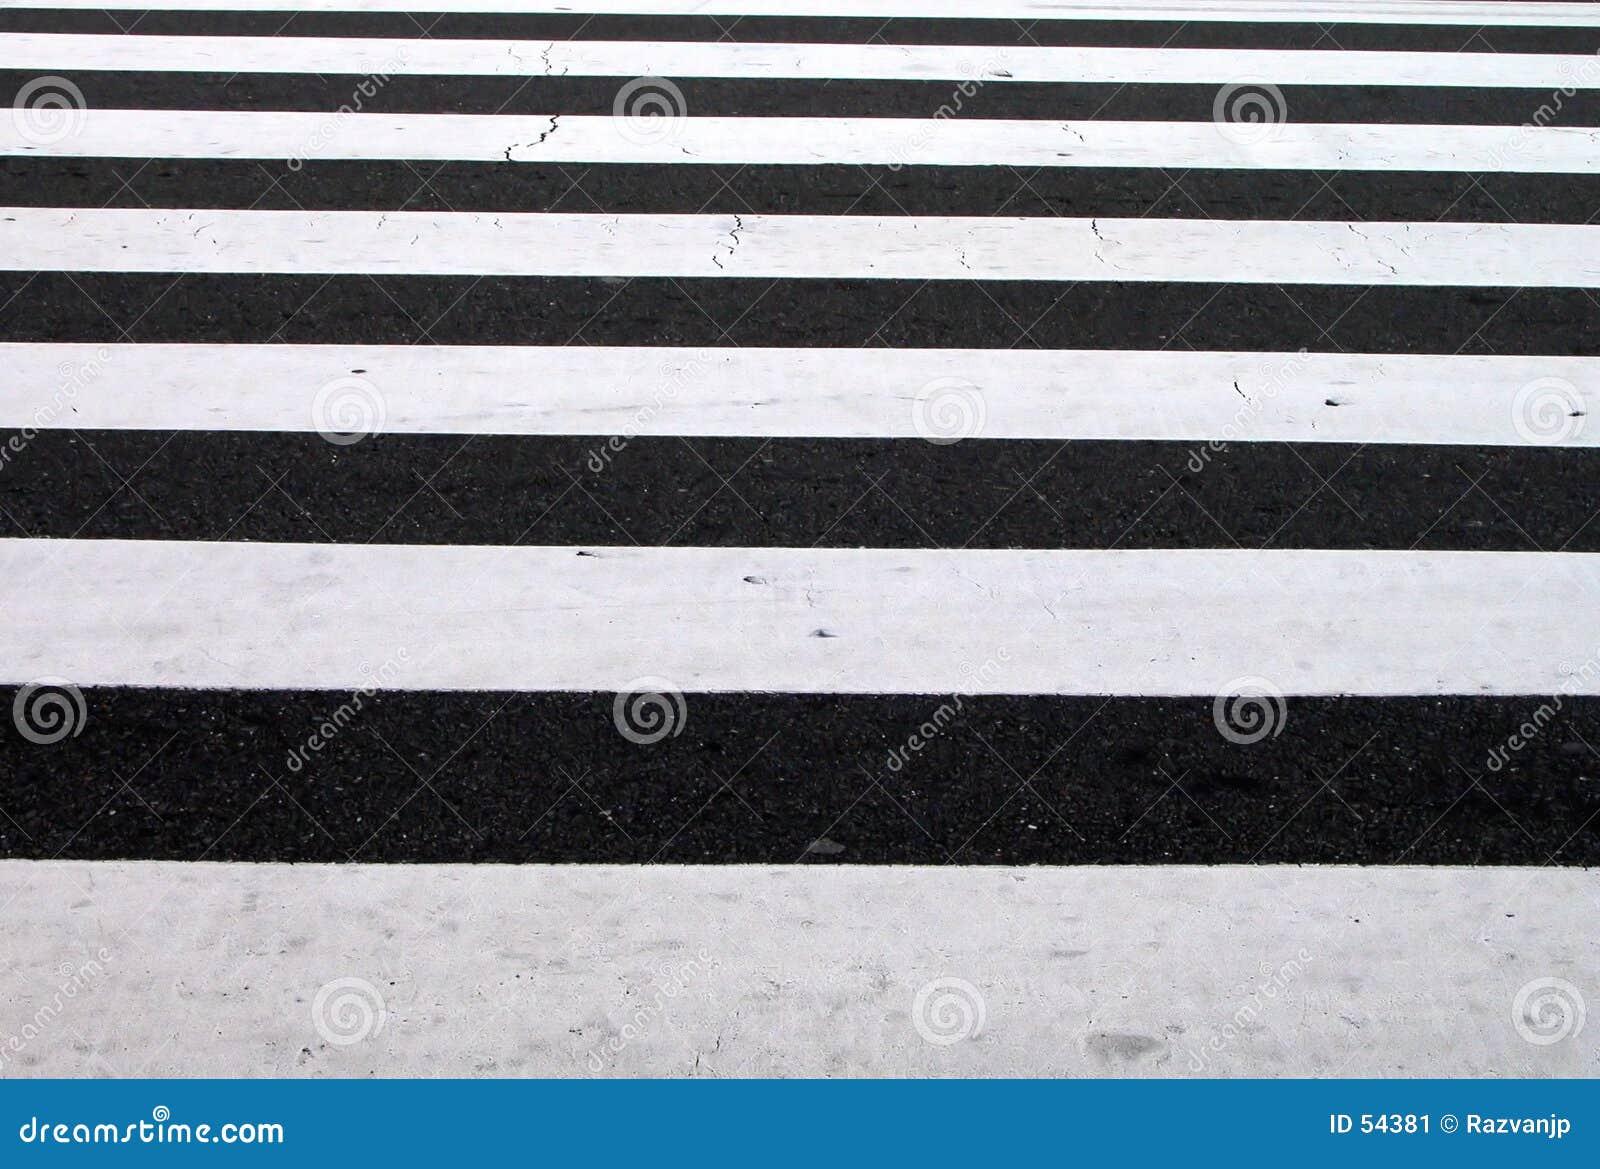 Voet zebrapadtextuur